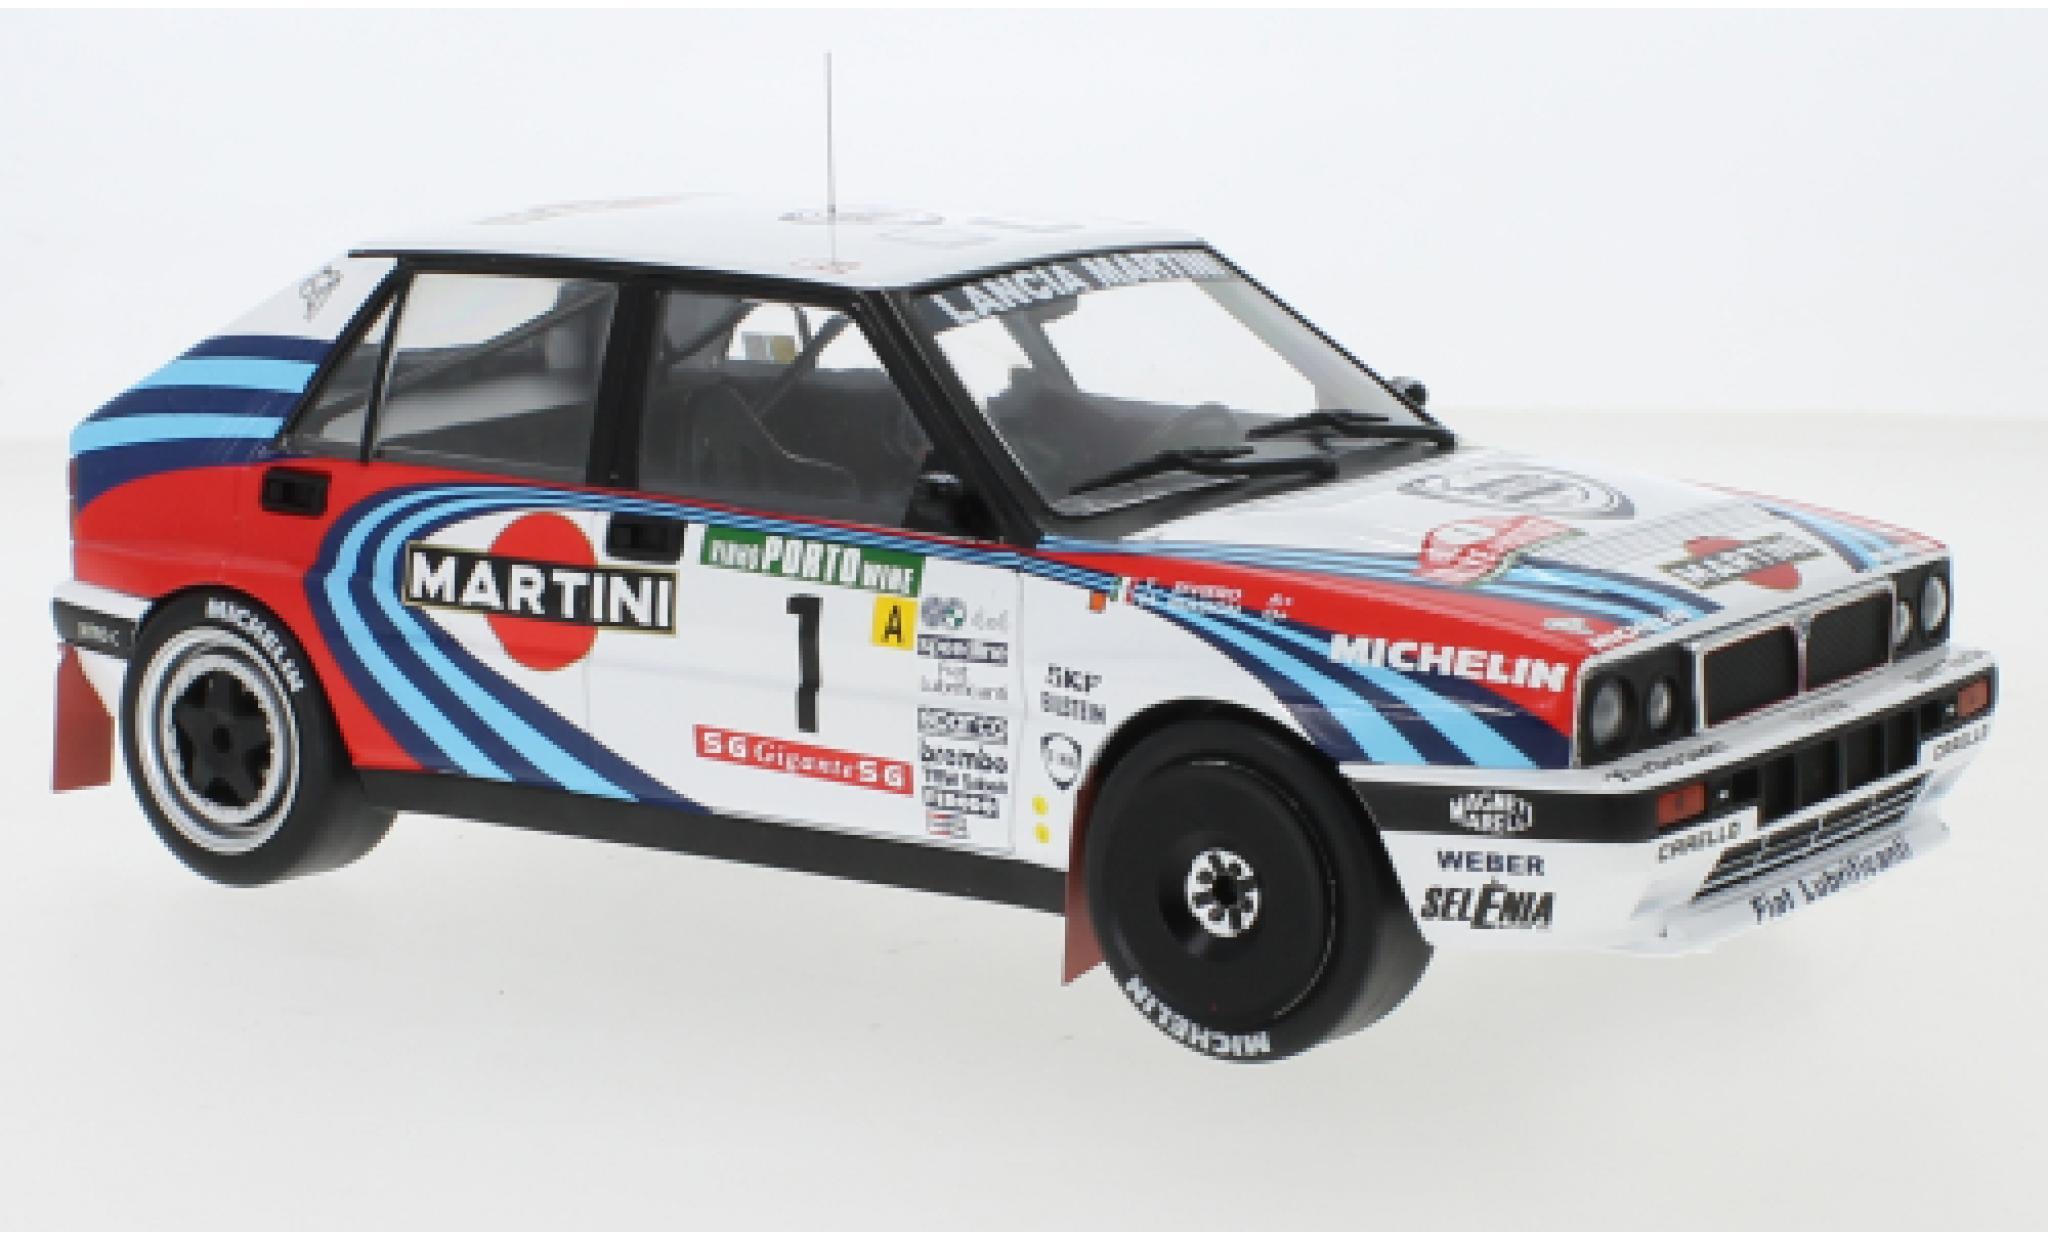 Lancia Delta 1/18 IXO Integrale 16V No.1 Martini Rallye WM Rally Portugal 1990 M.Biasion/T.Siviero